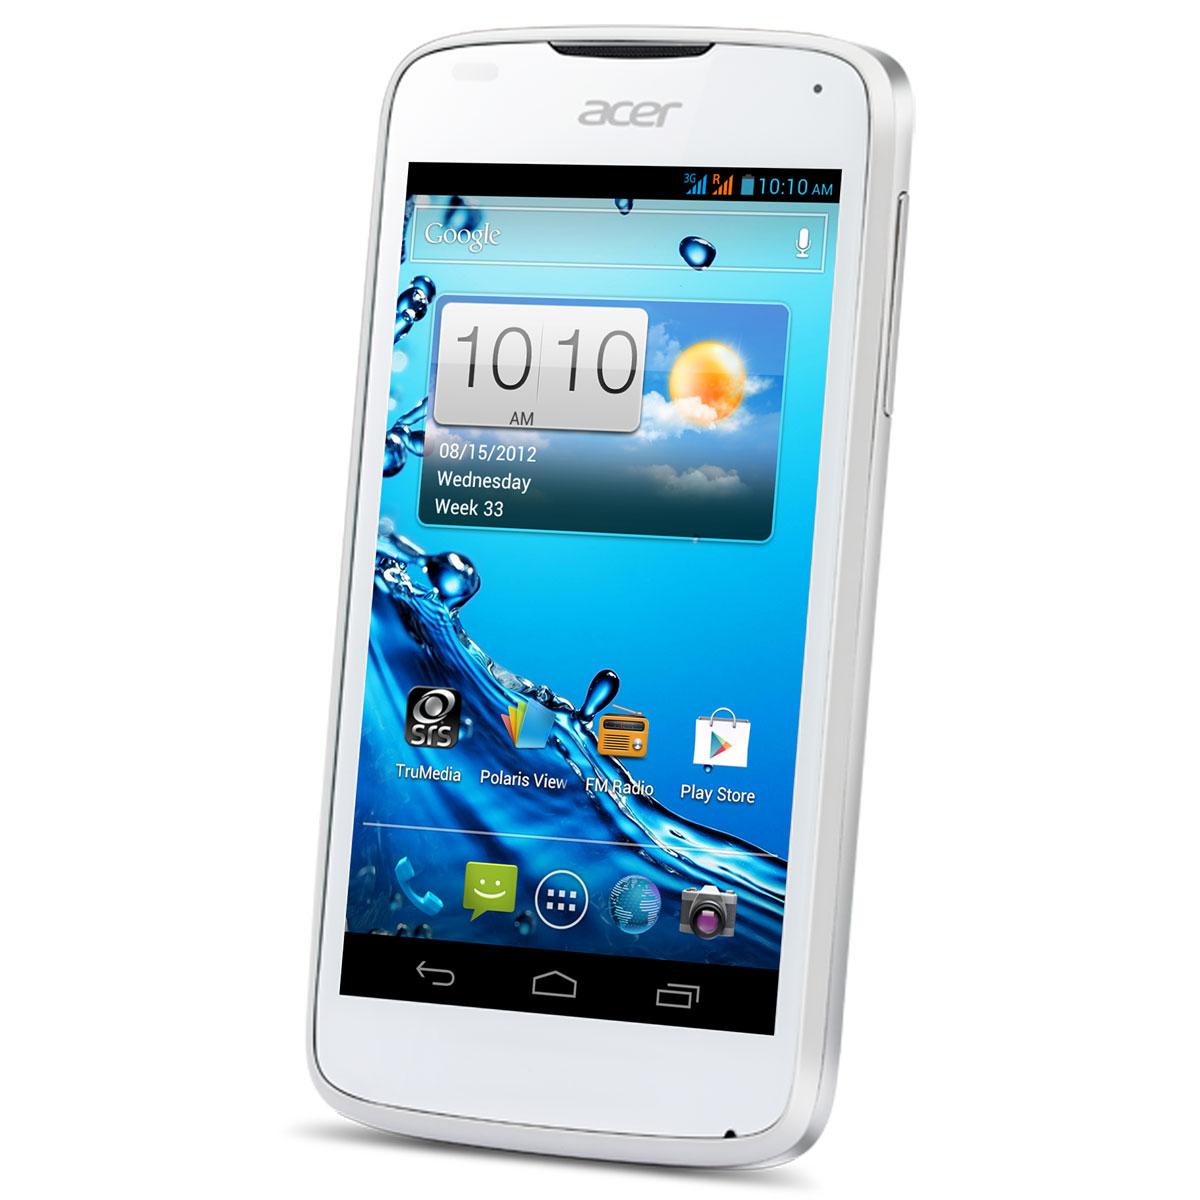 """Mobile & smartphone Acer Liquid Gallant Duo E350 Pure White Smartphone 3G+ Dual Sim avec écran tactile 4.3"""" sous Android 4.0"""